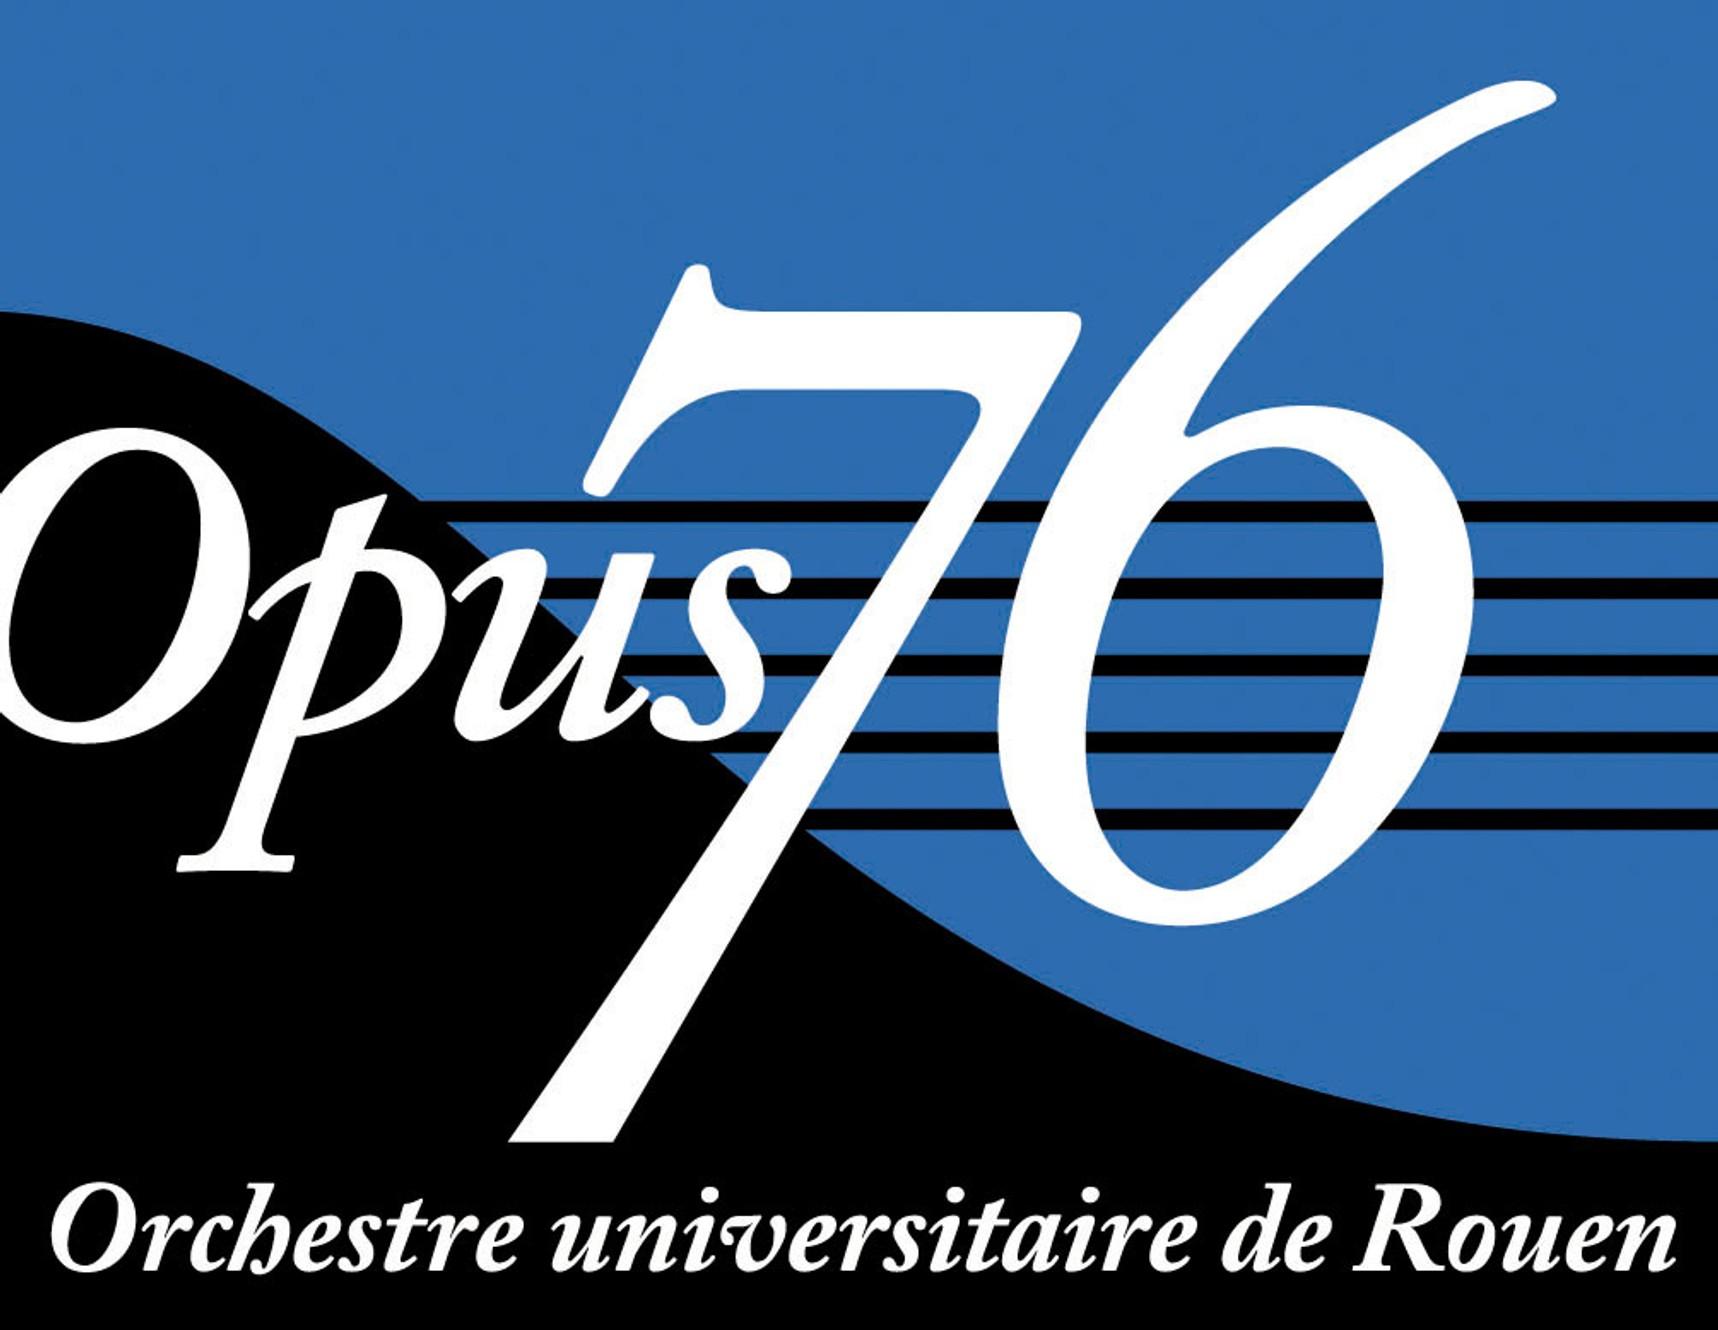 Opus76